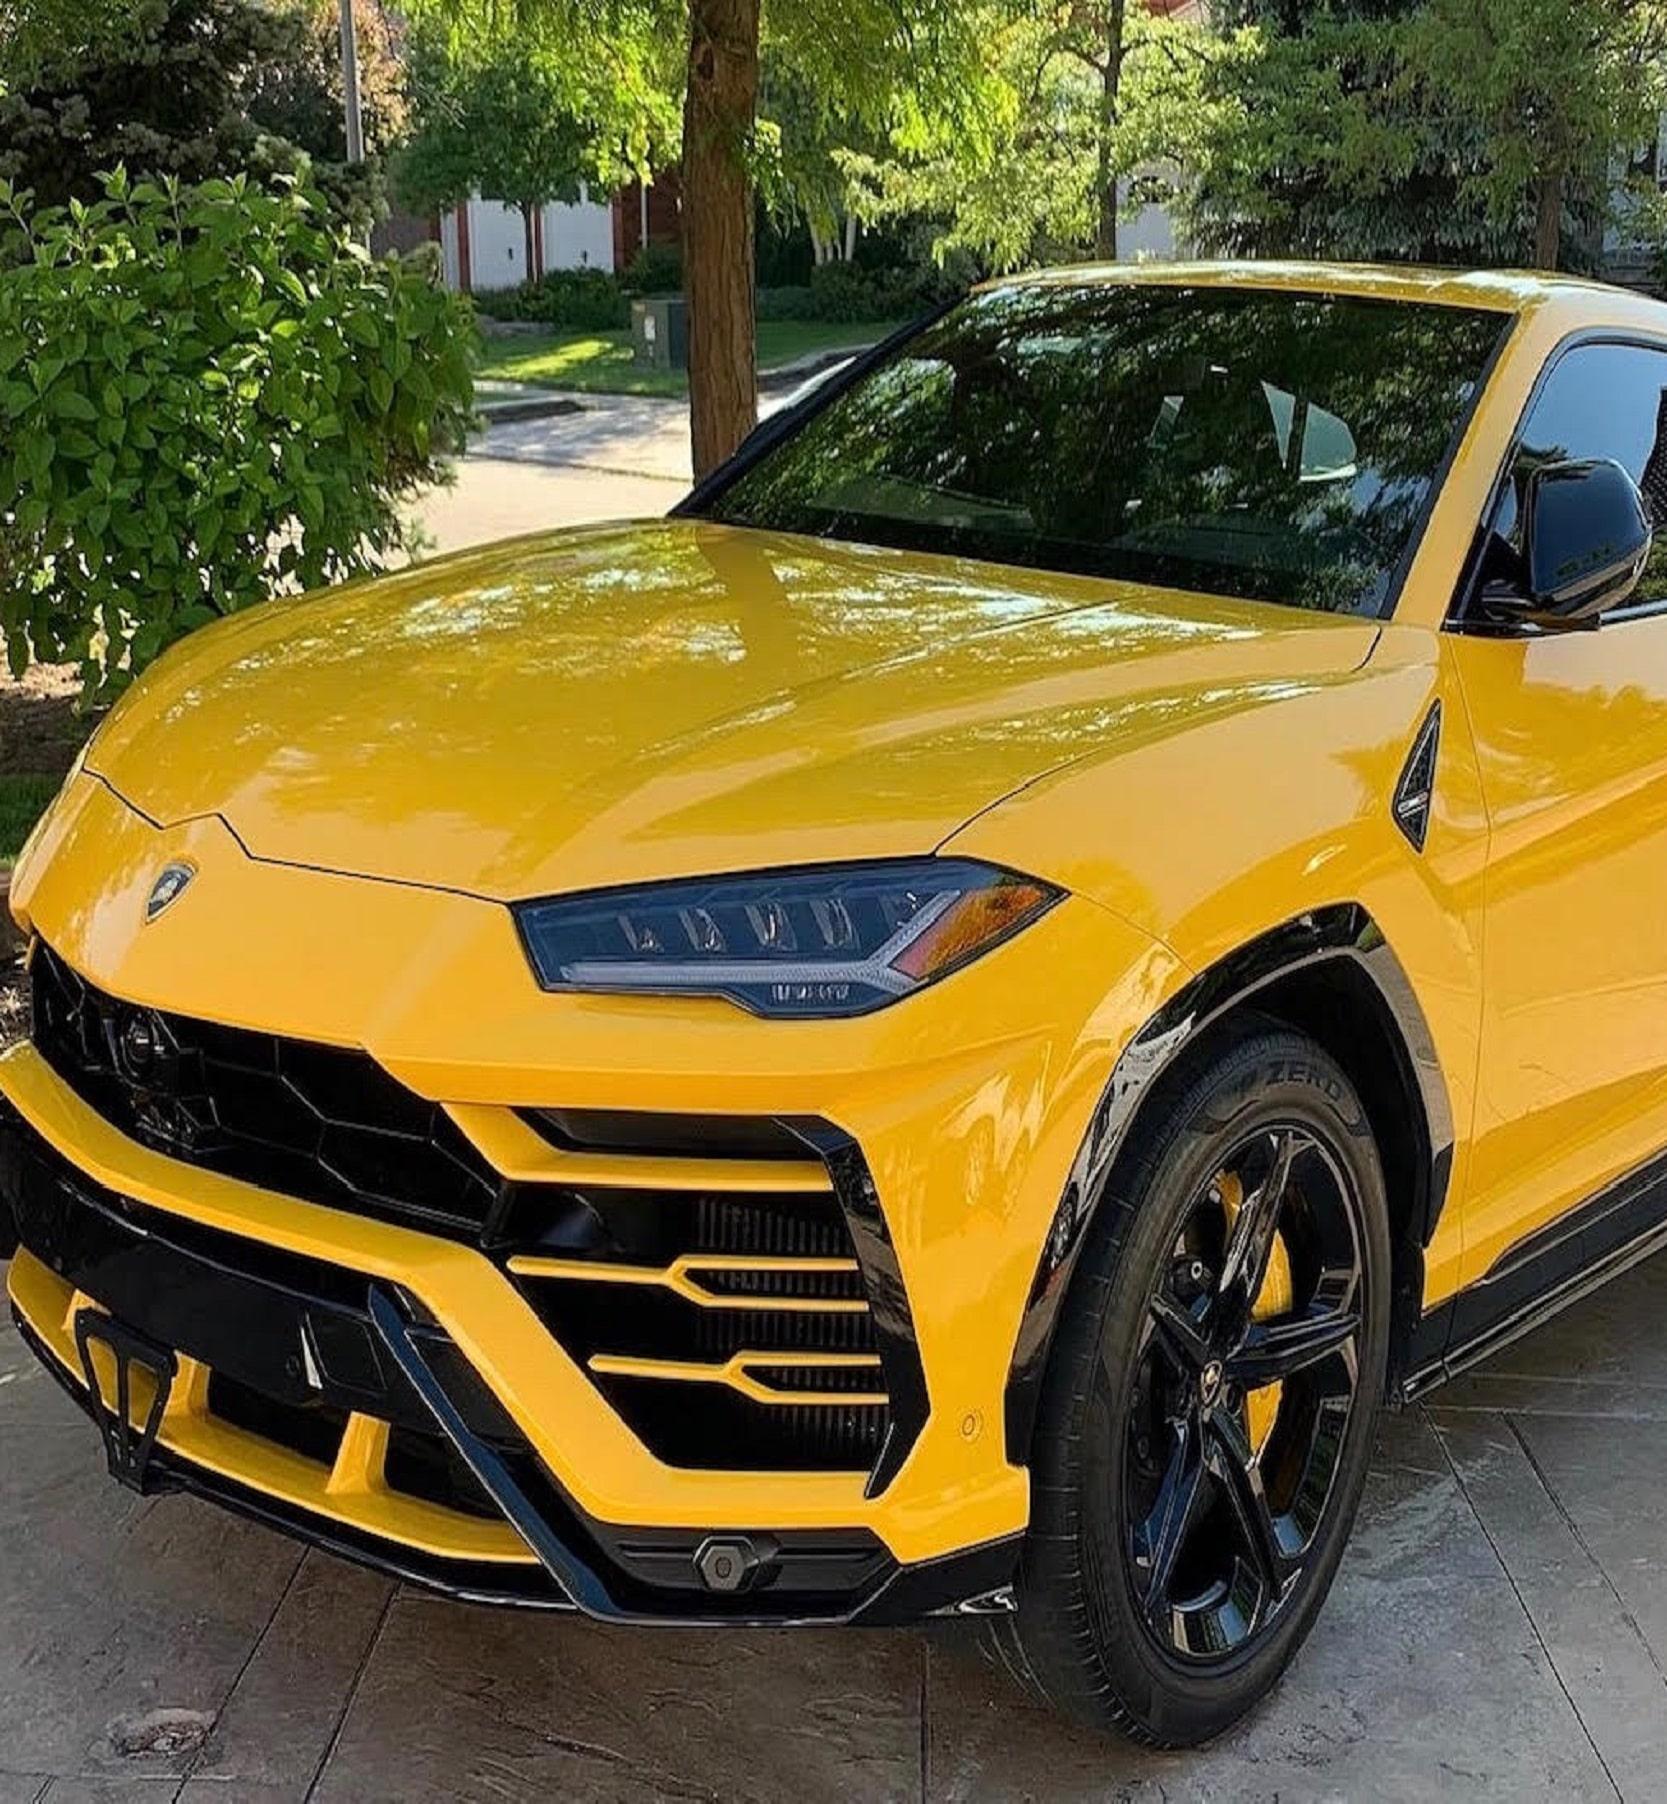 Lamborghini urus - ceramic coating